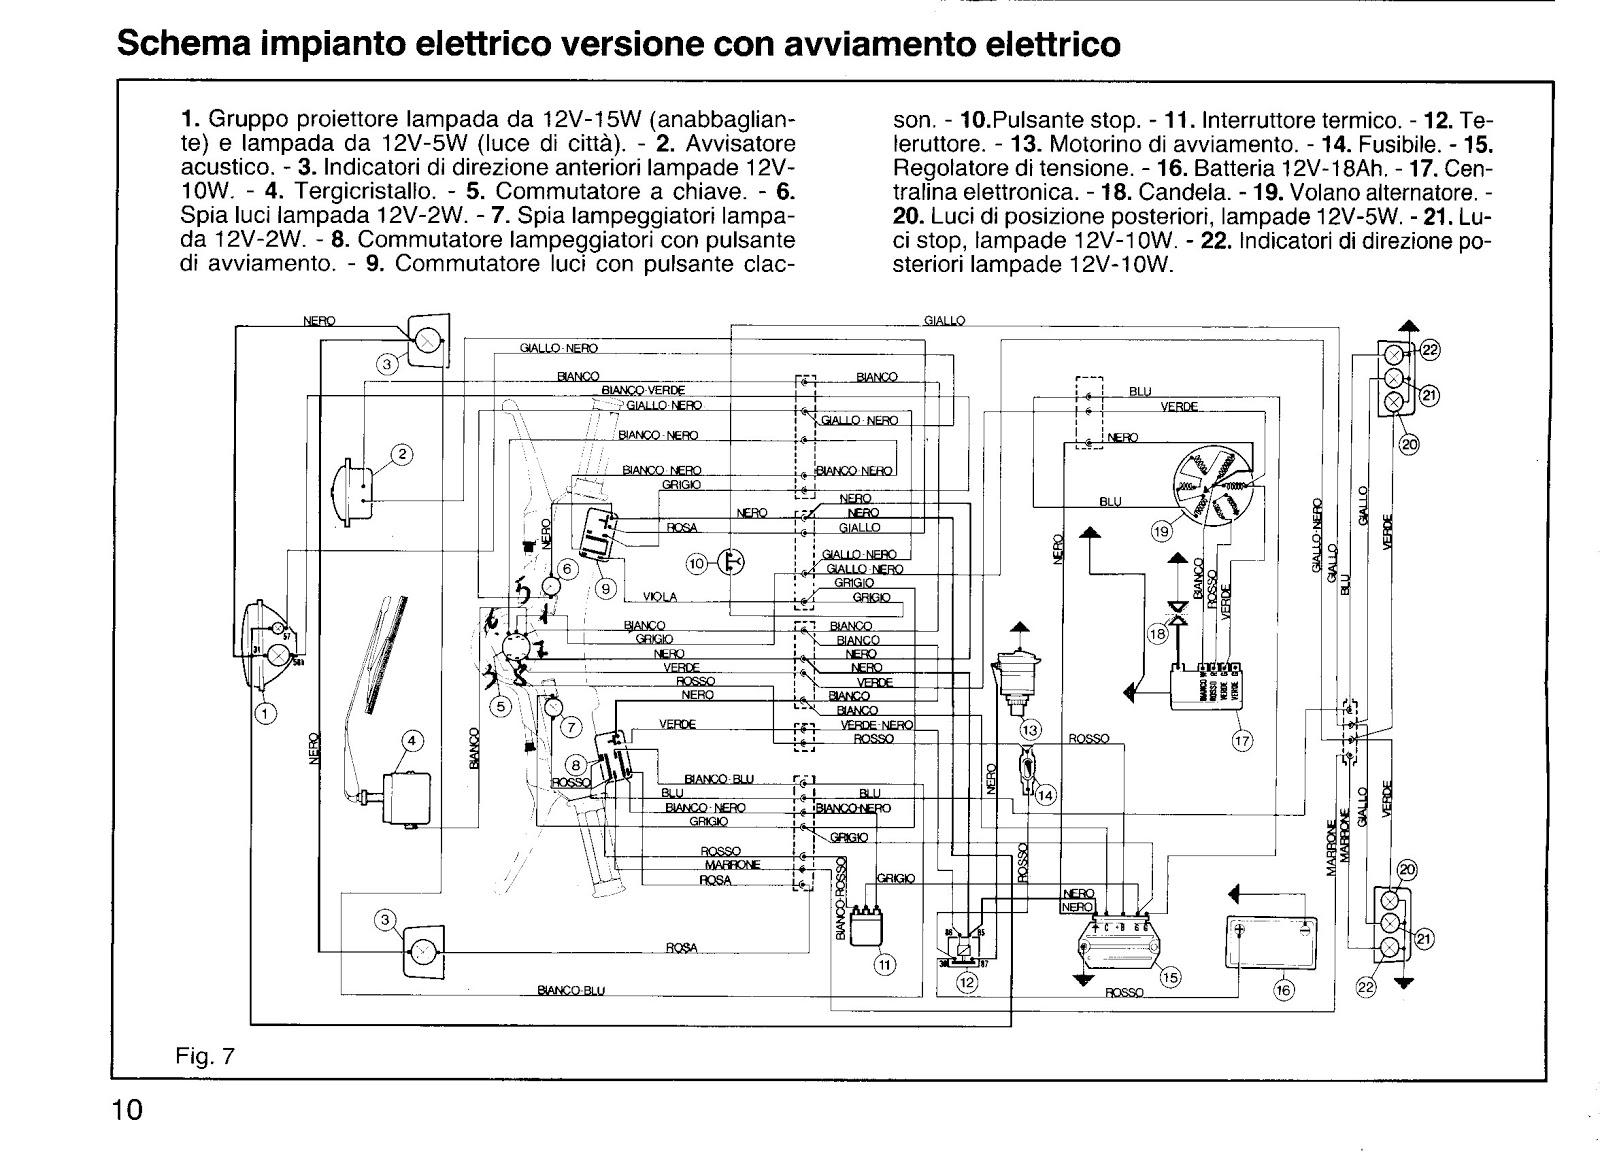 Schema Elettrico Lampada : Ape50 elaborato piaggio: schema elettrico ape 50 originale.